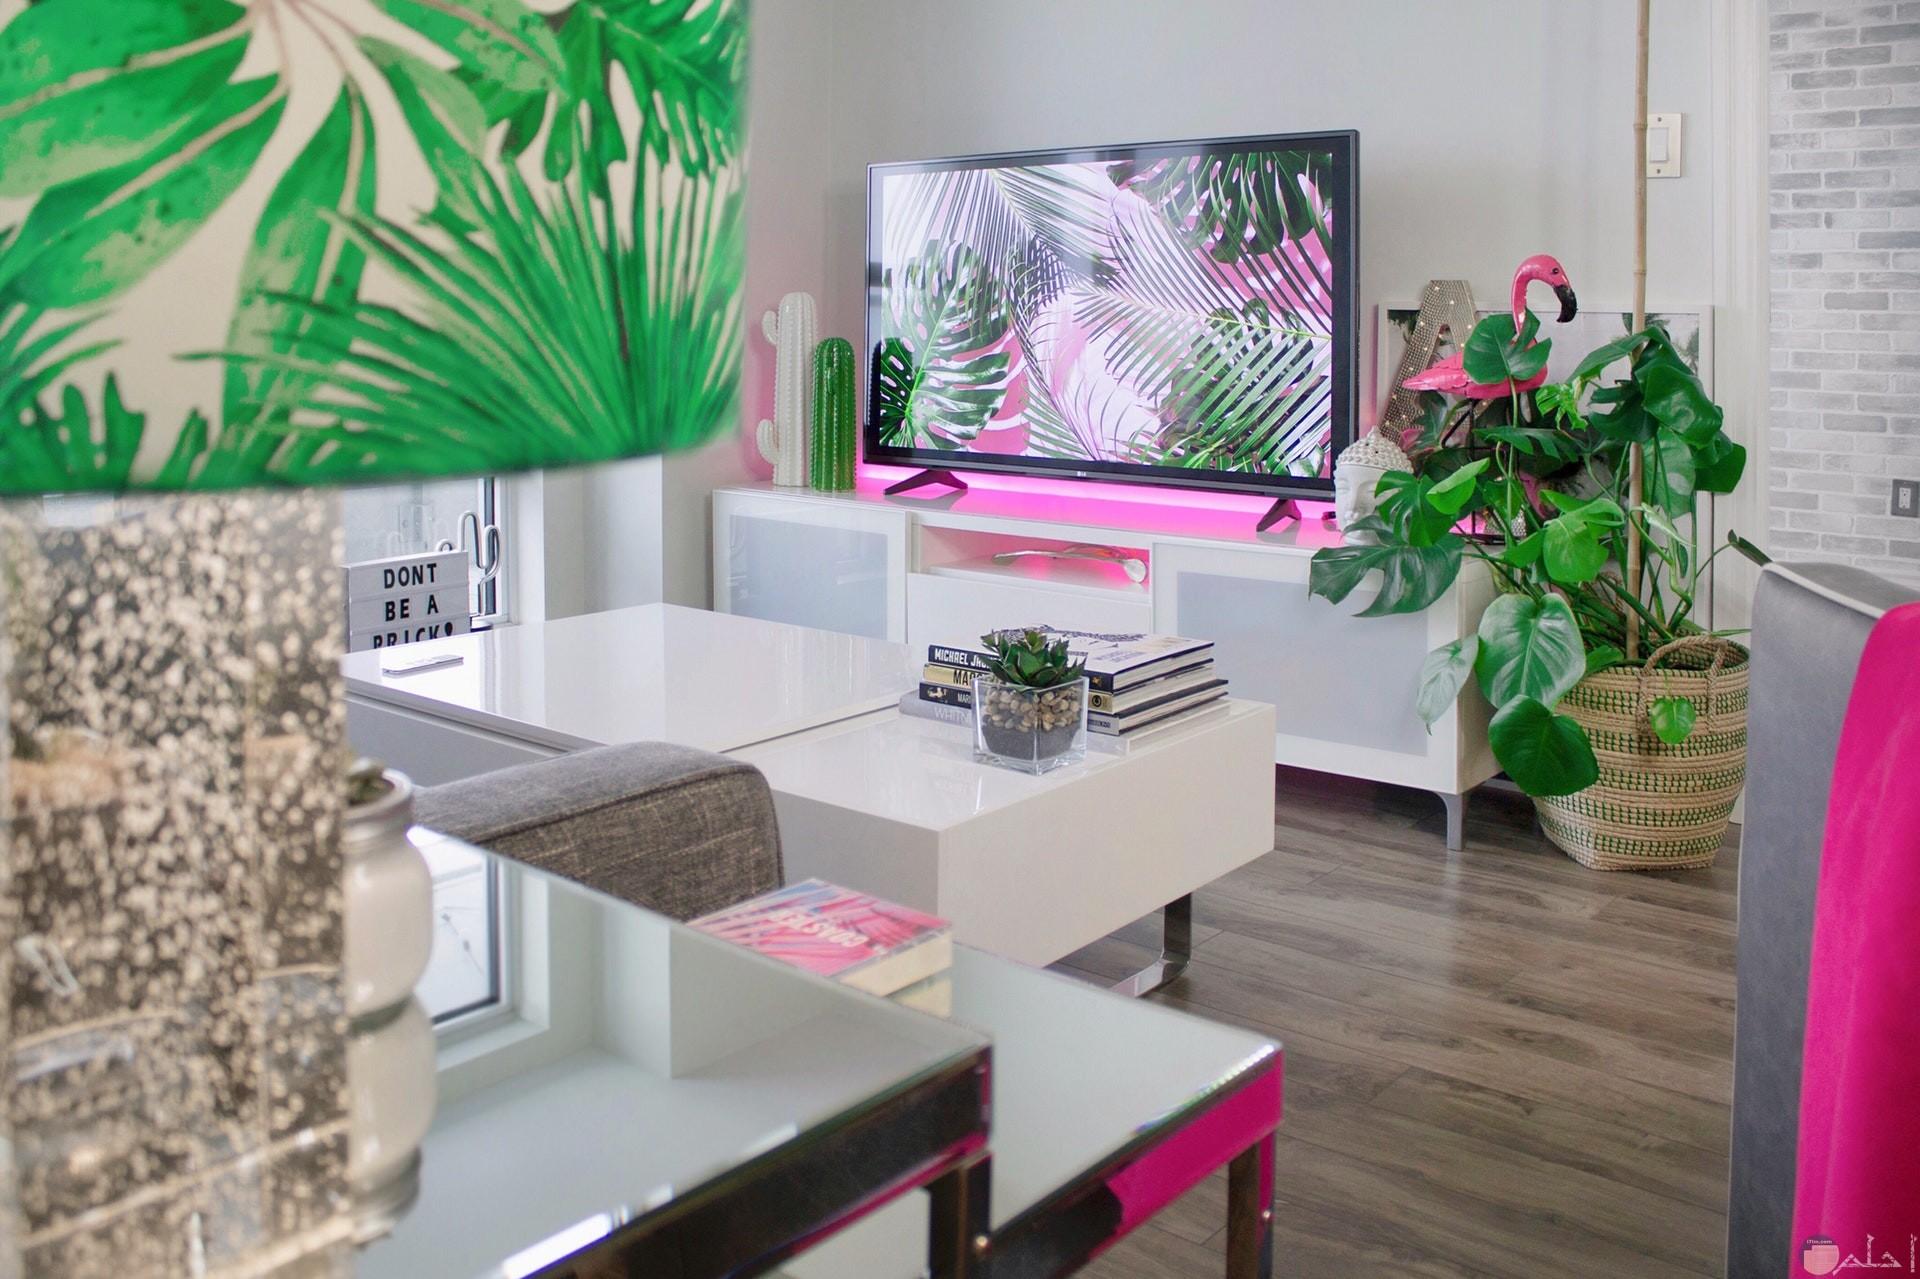 صورة لغرفة استقبال الضيوف يوجد بها طاولة بيضاء جميلة وشاشة تلفاز صغيرة مع بعض الزينة المميزة